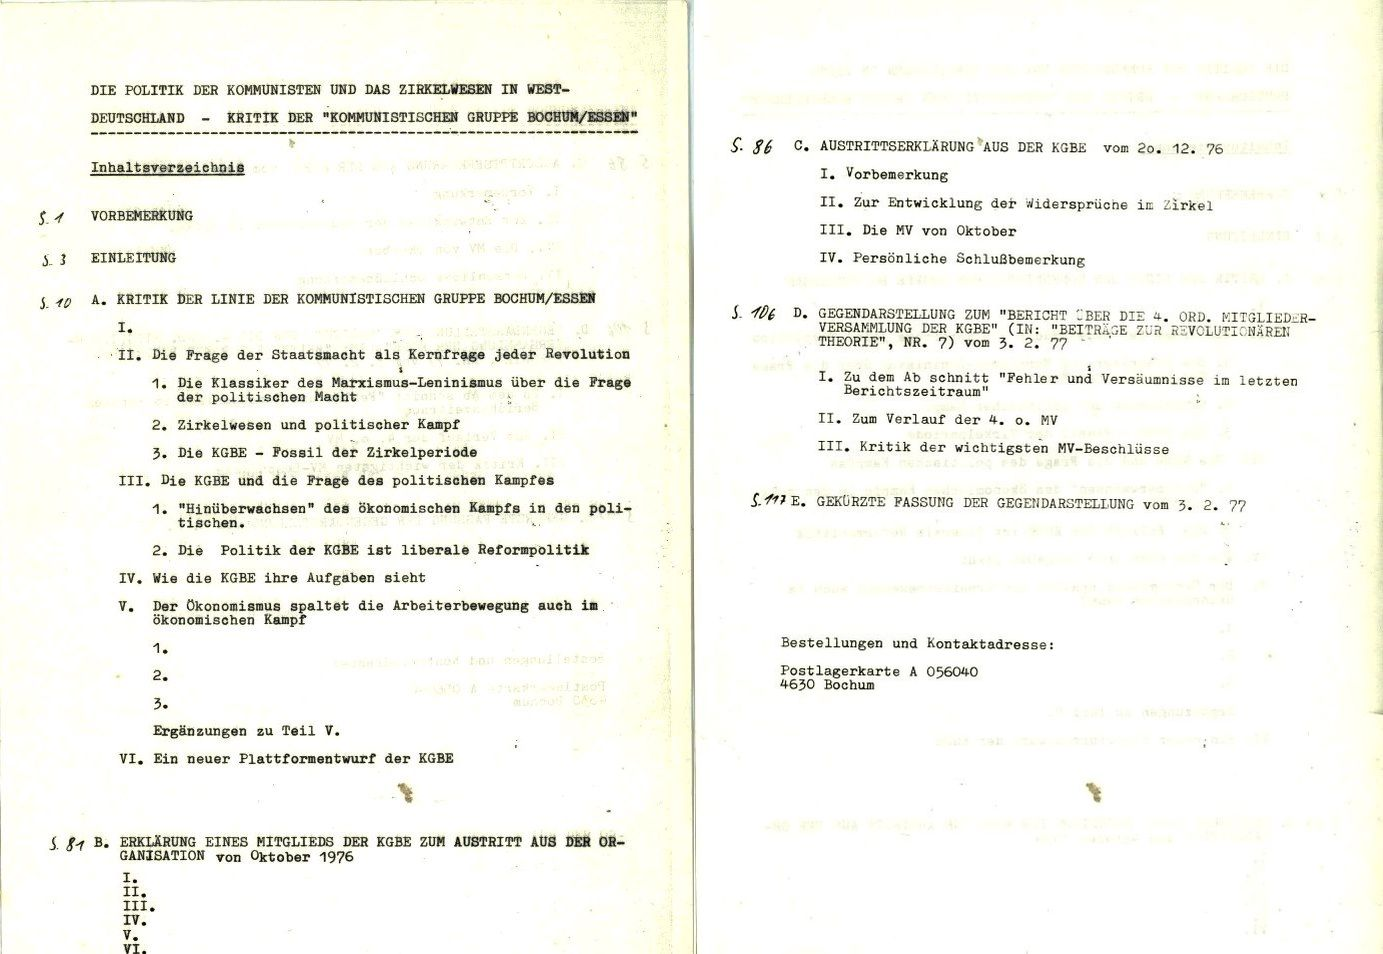 KGBE_Ehemalige_1977_Kritik_an_der_KGBE_03